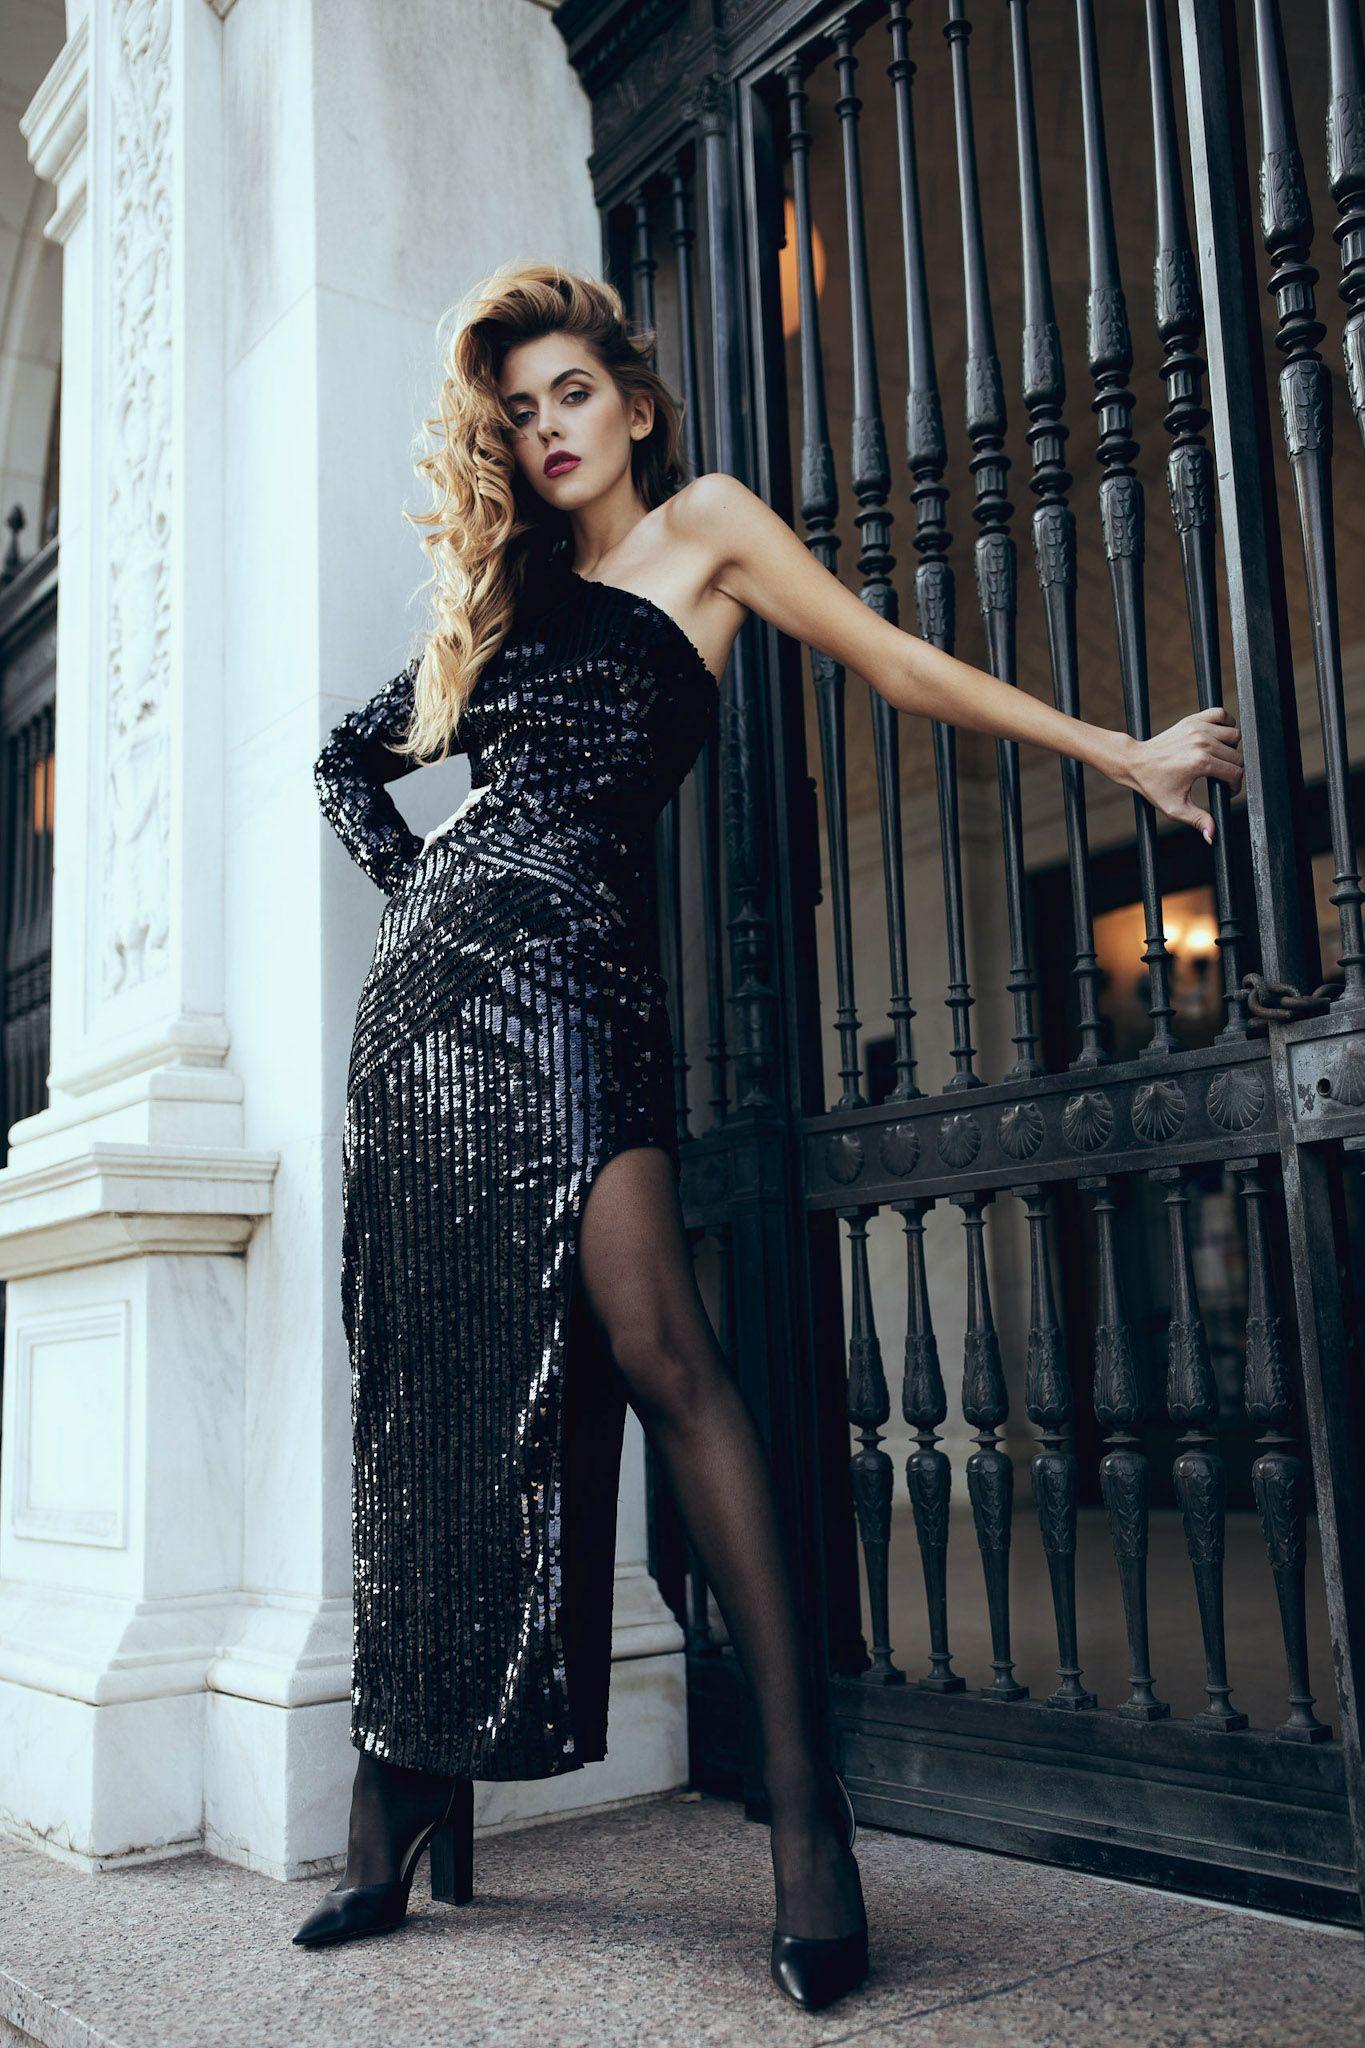 Shine By Photographer Dali Ma Fashion Photoshoot Editorial Fashion Photography Editorial City Fashion Photography